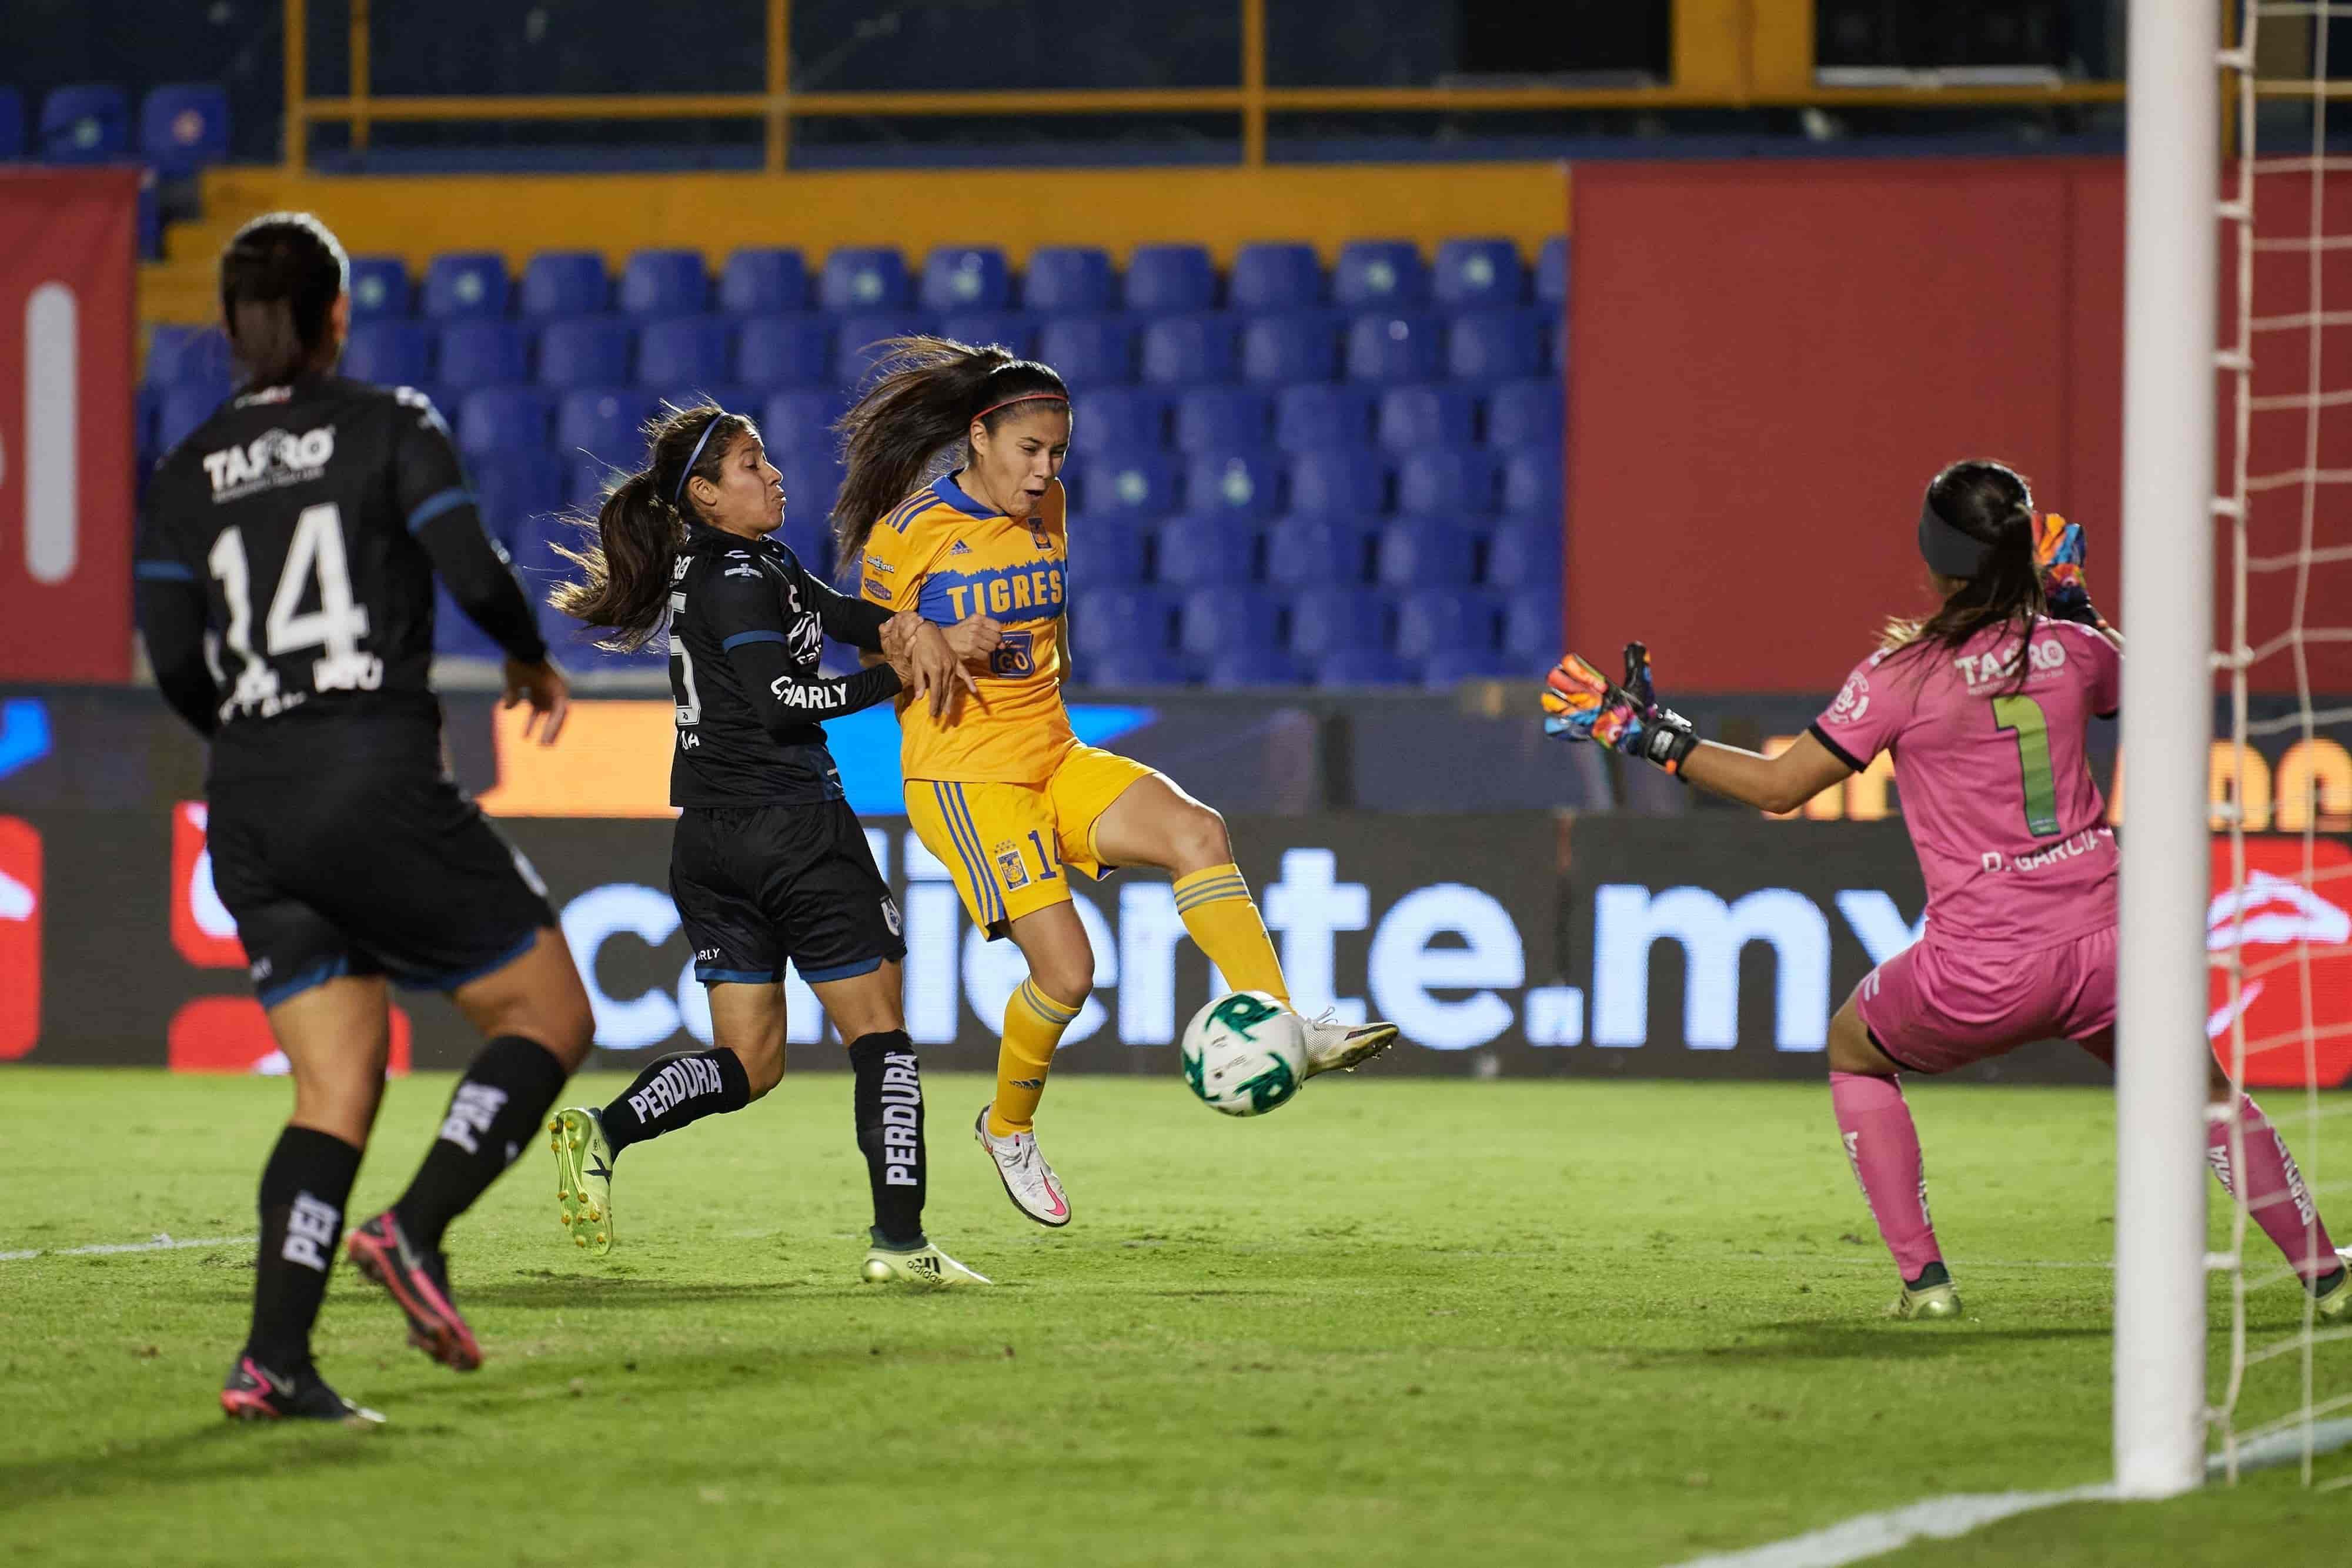 El partido terminó Tigres 2-0 Querétaro